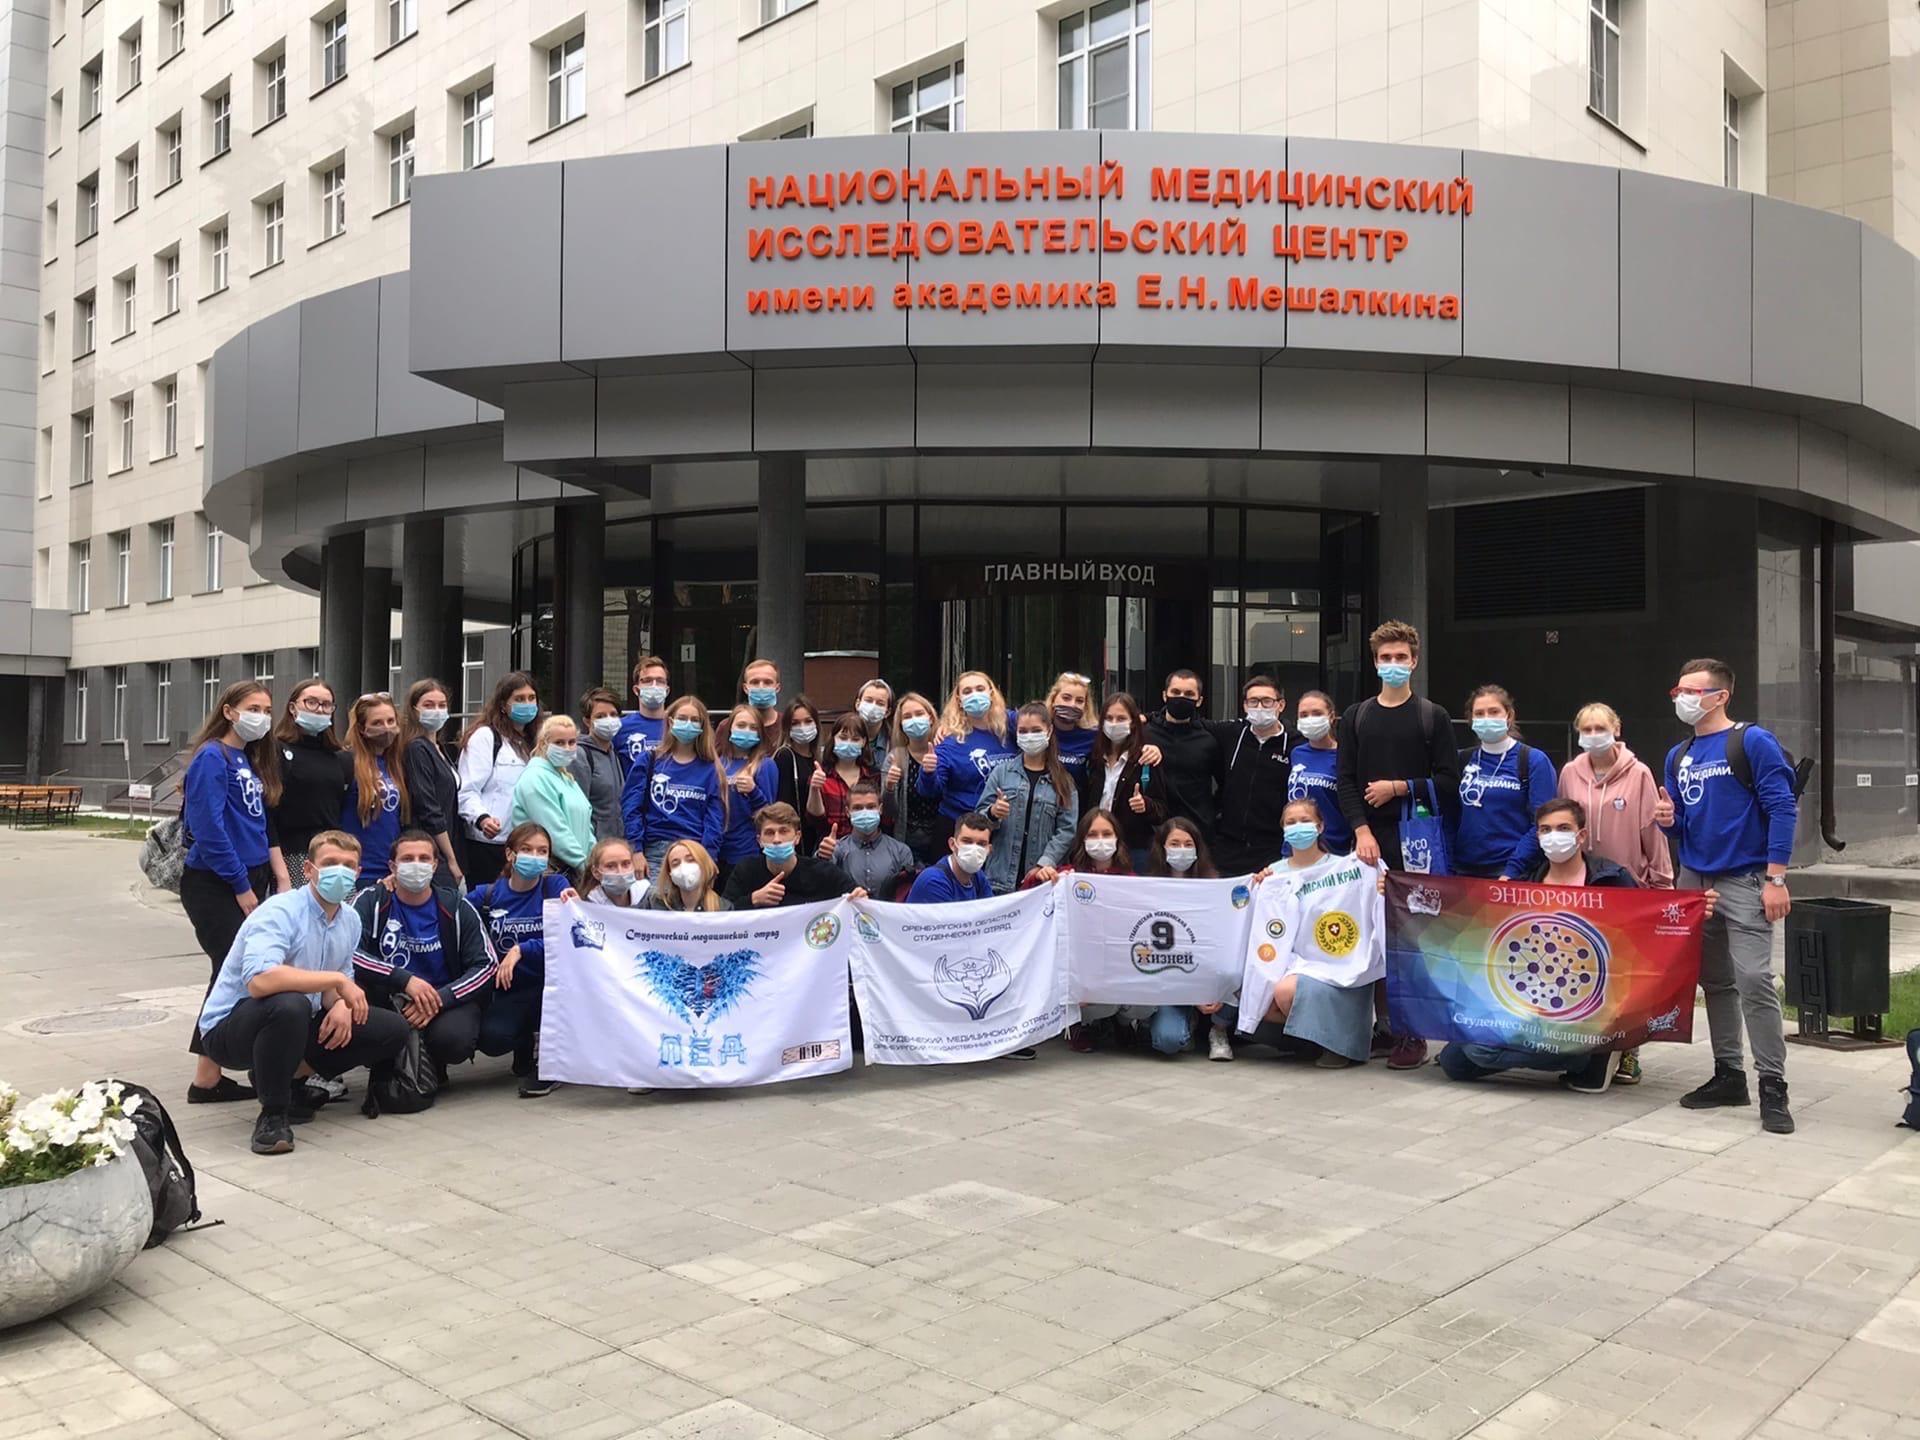 Бойцы студенческих медицинских отрядов приняли участие во всероссийском трудовом проекте